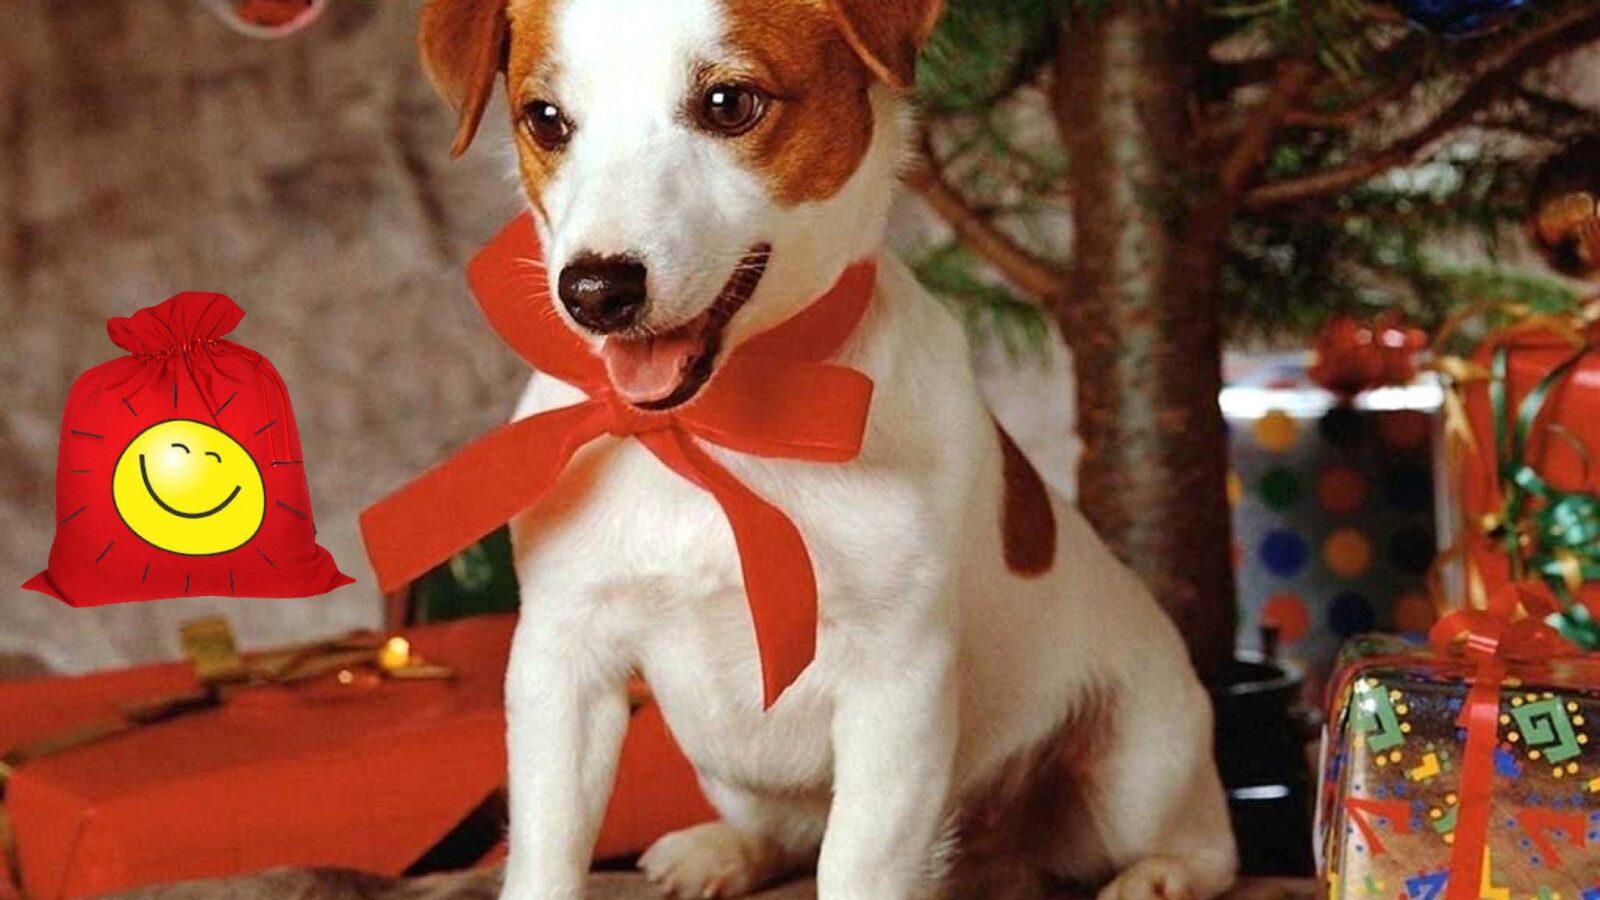 Выберите понравившуюся собачку и узнайте какая любовь ждет вас в 2018 году Желтой Собаки